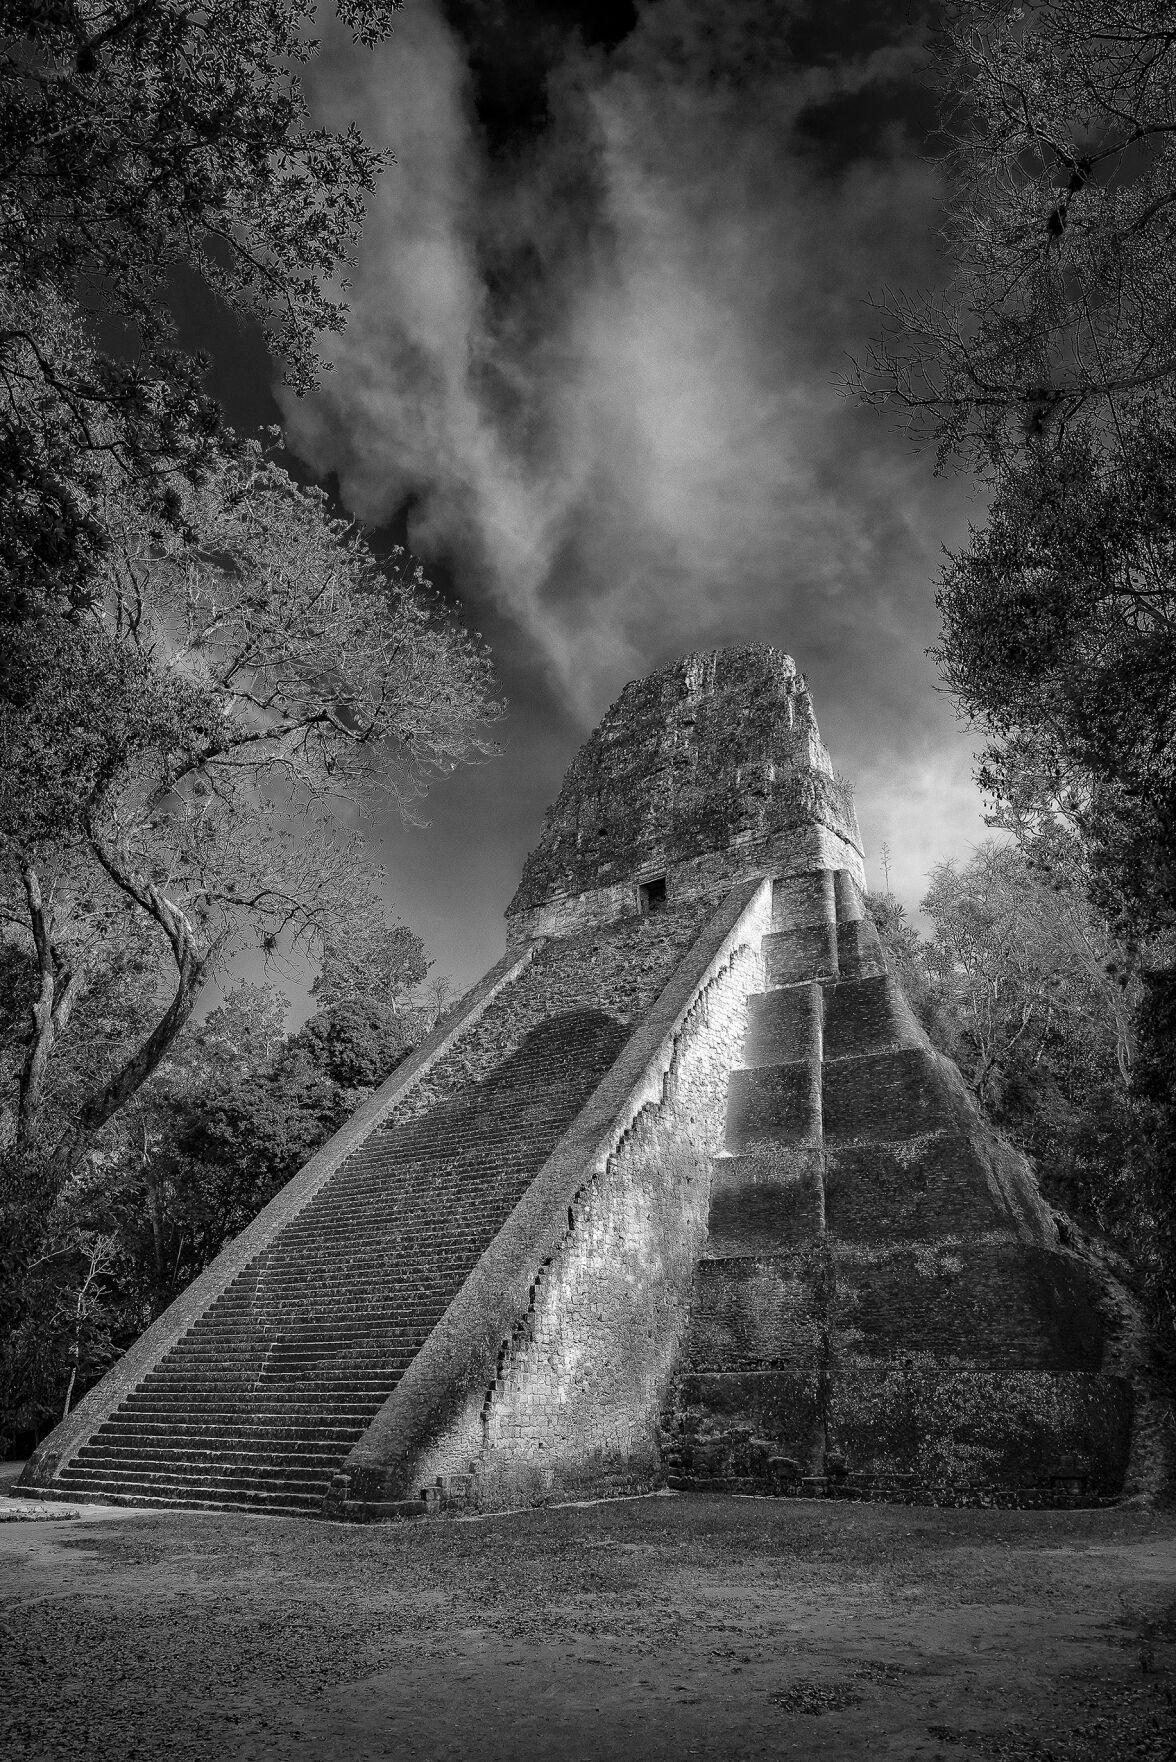 Frej tikal temple guatemala